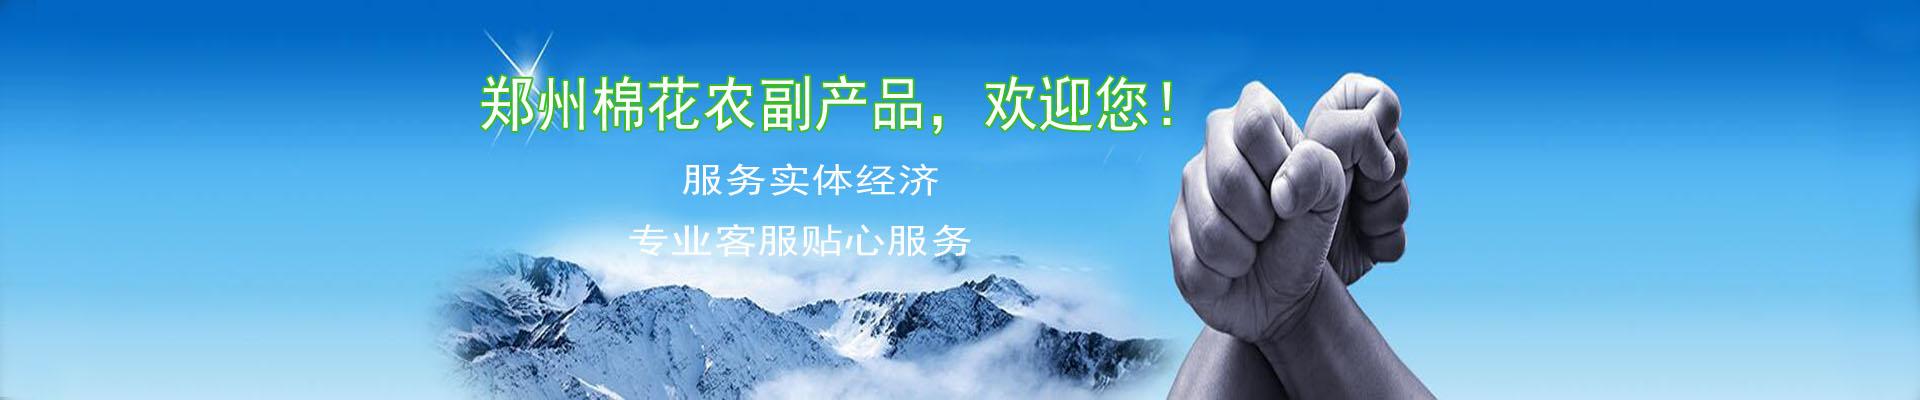 郑州棉花交易市场